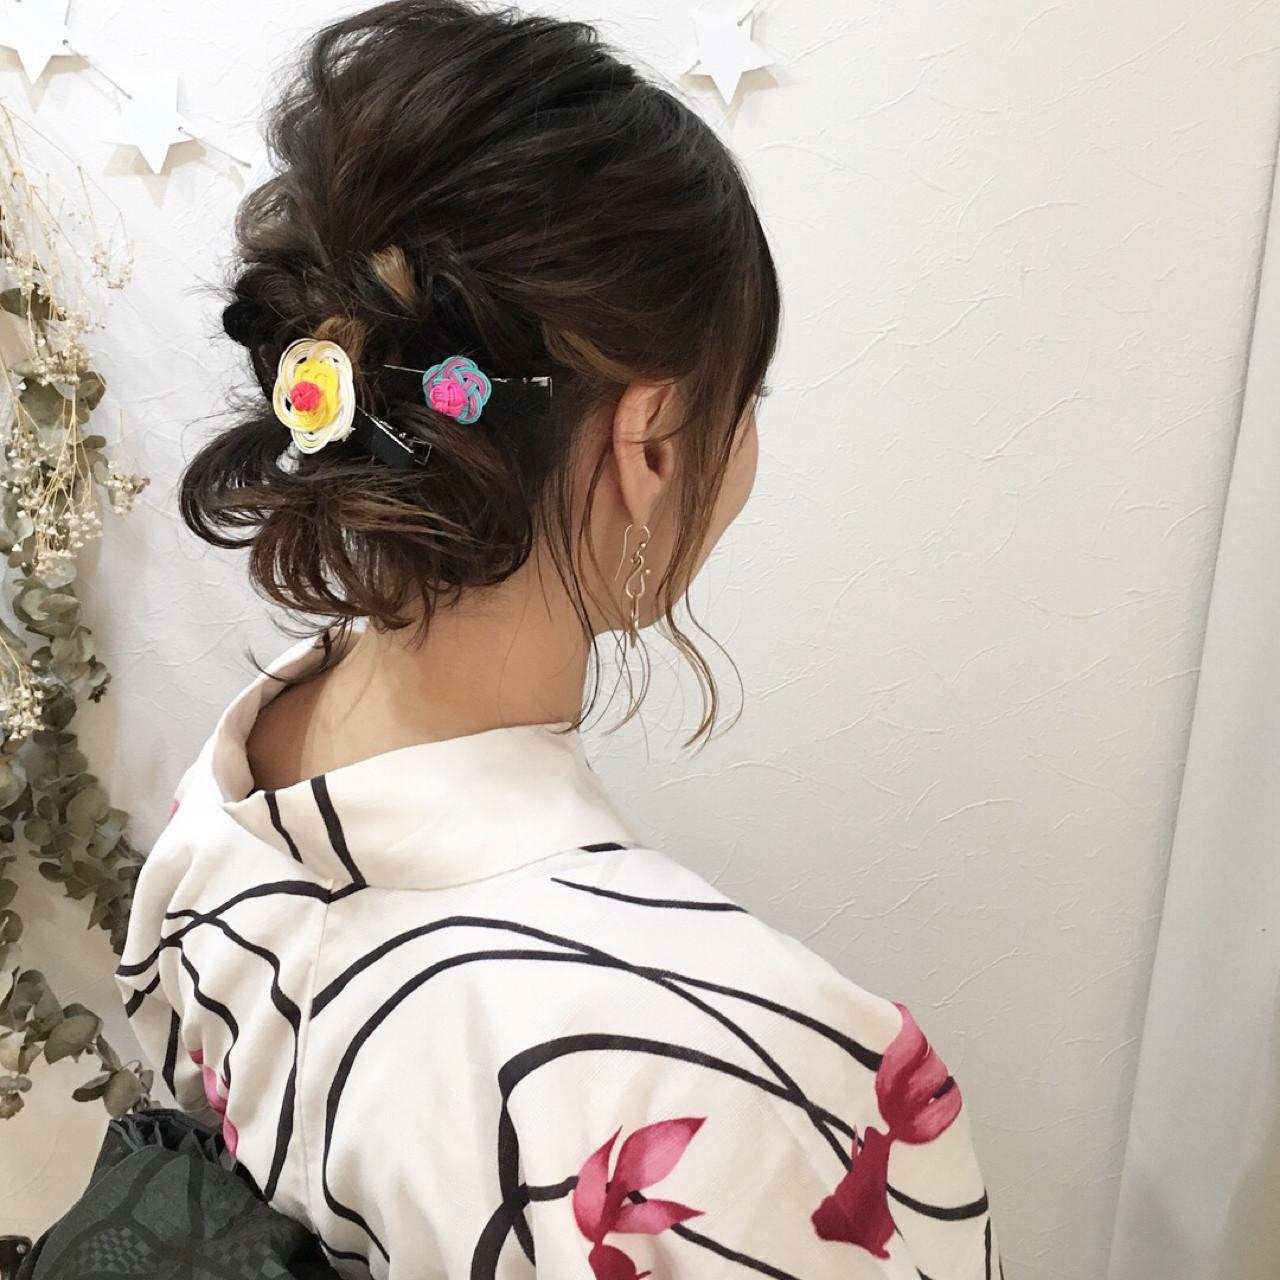 ハイライト ヘアアレンジ ボブ お祭り ヘアスタイルや髪型の写真・画像